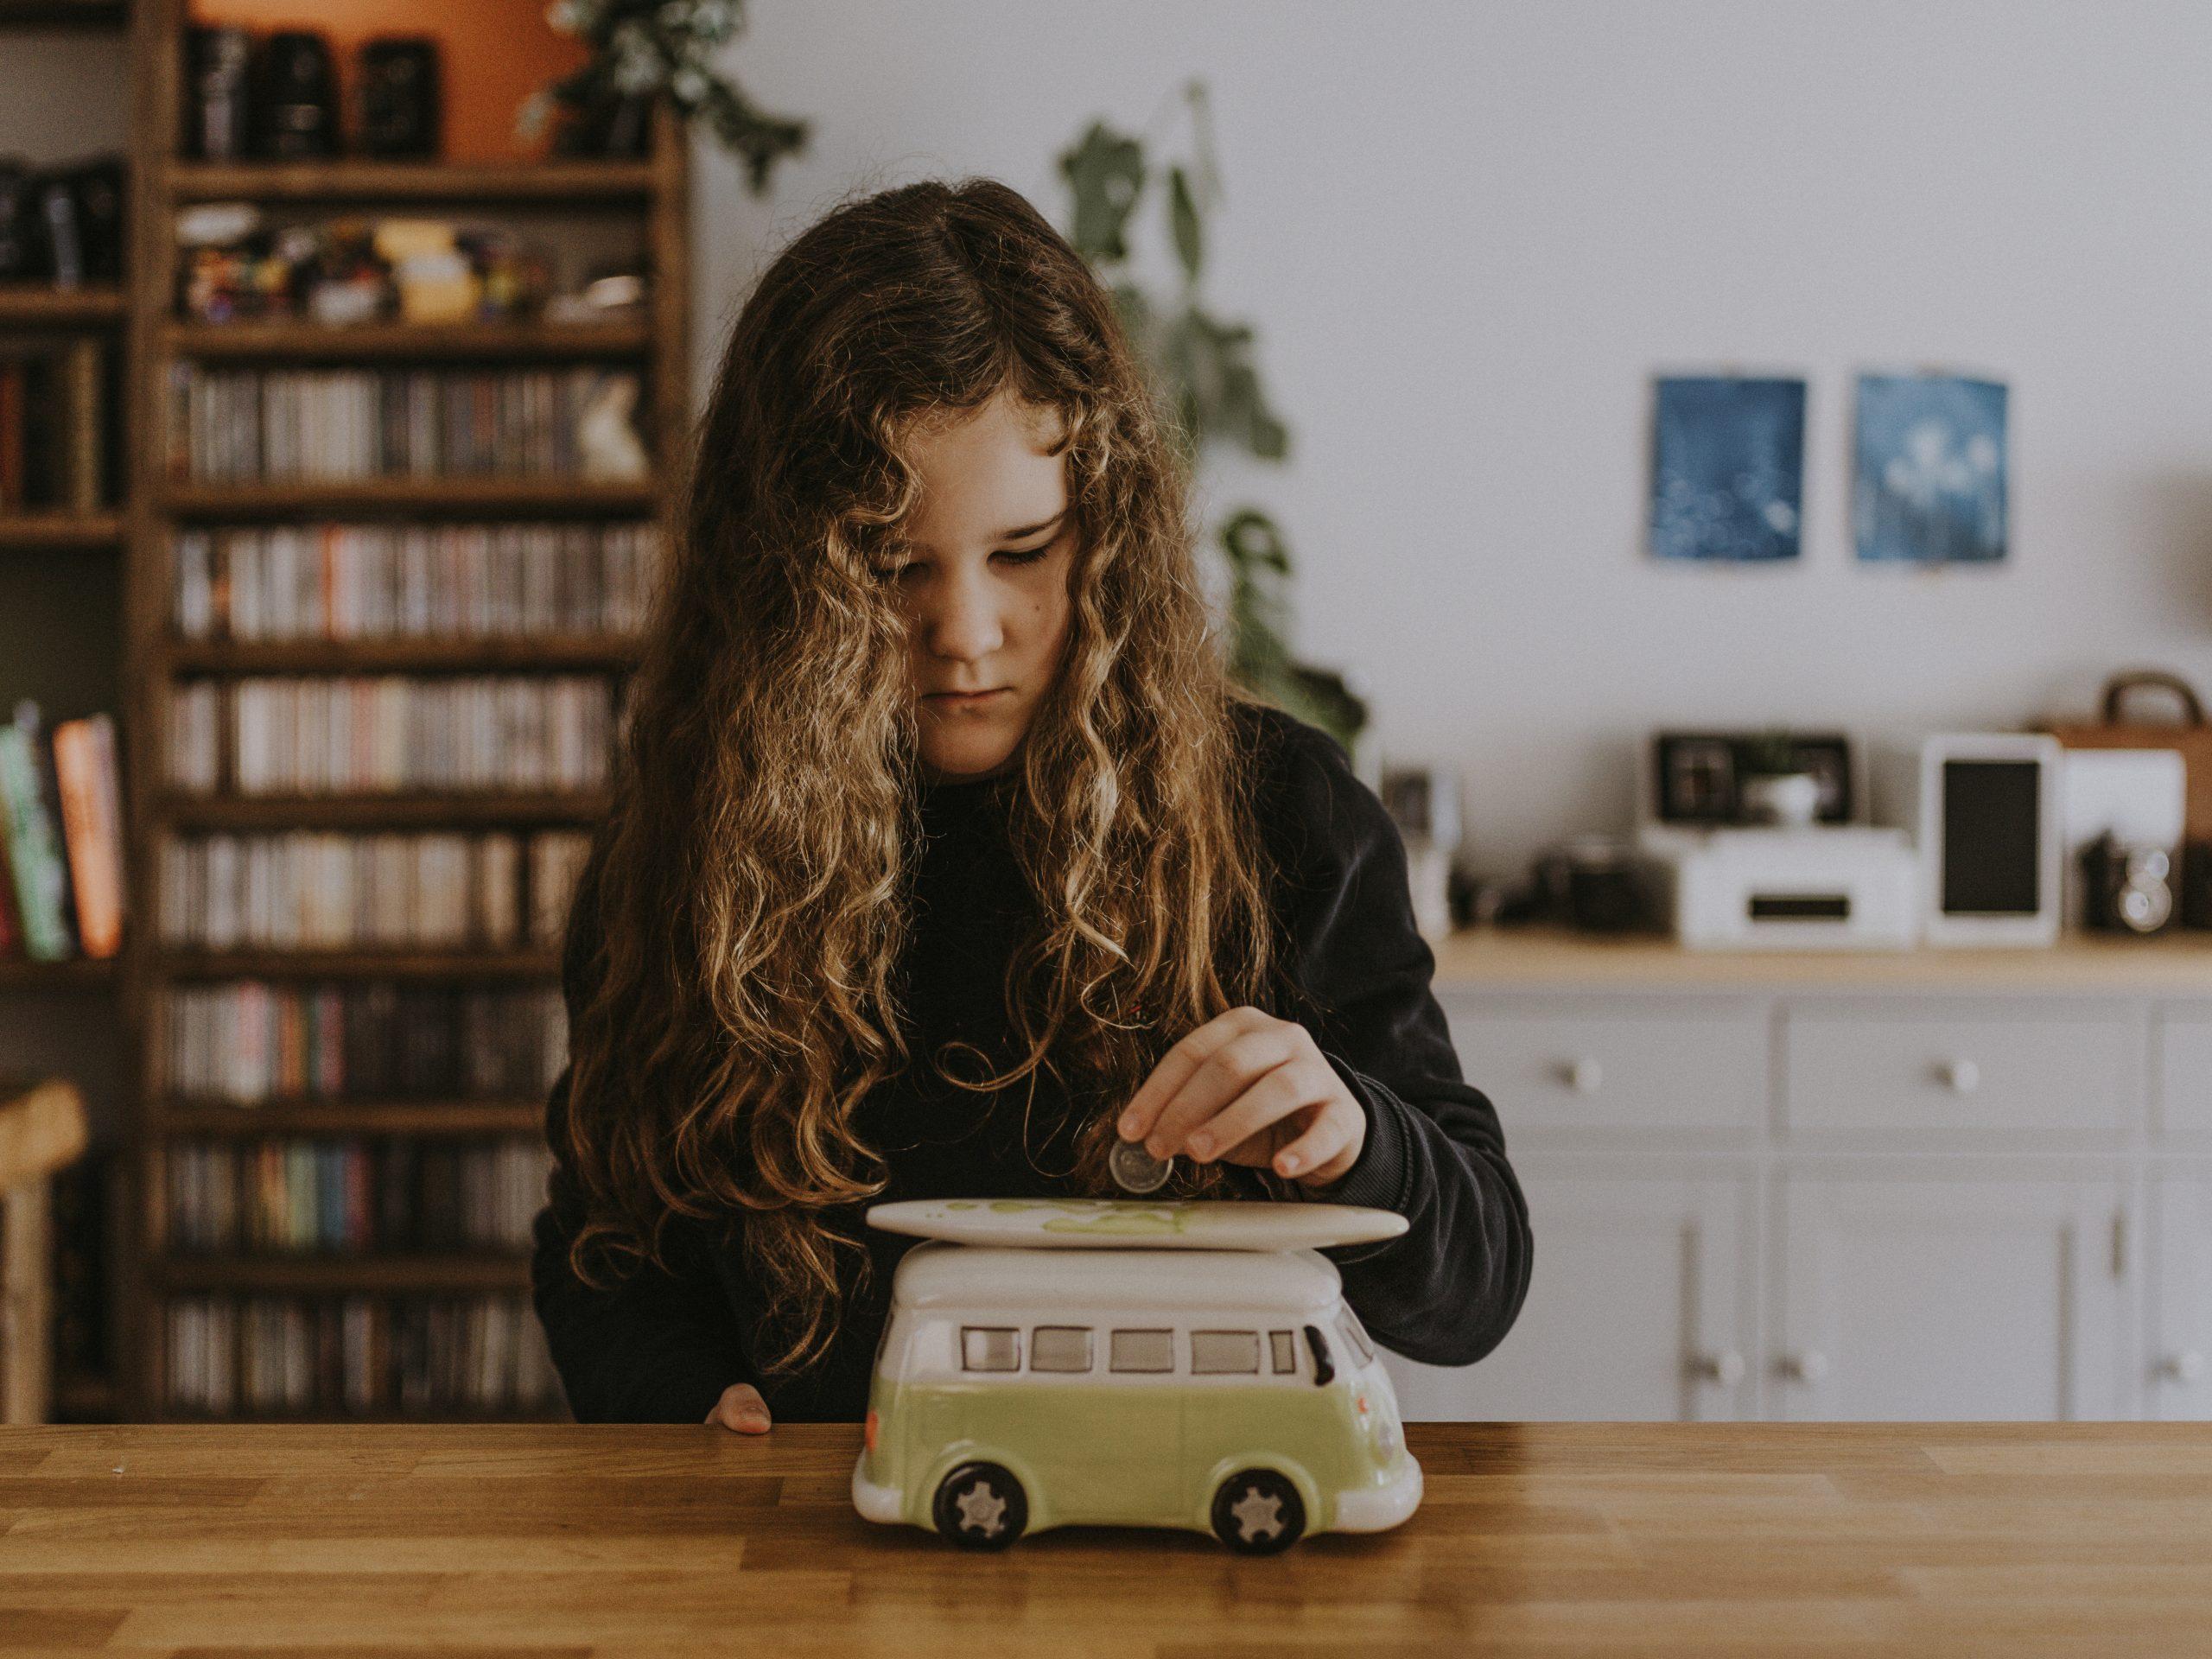 girl wearing black sweatshirt playing toy car